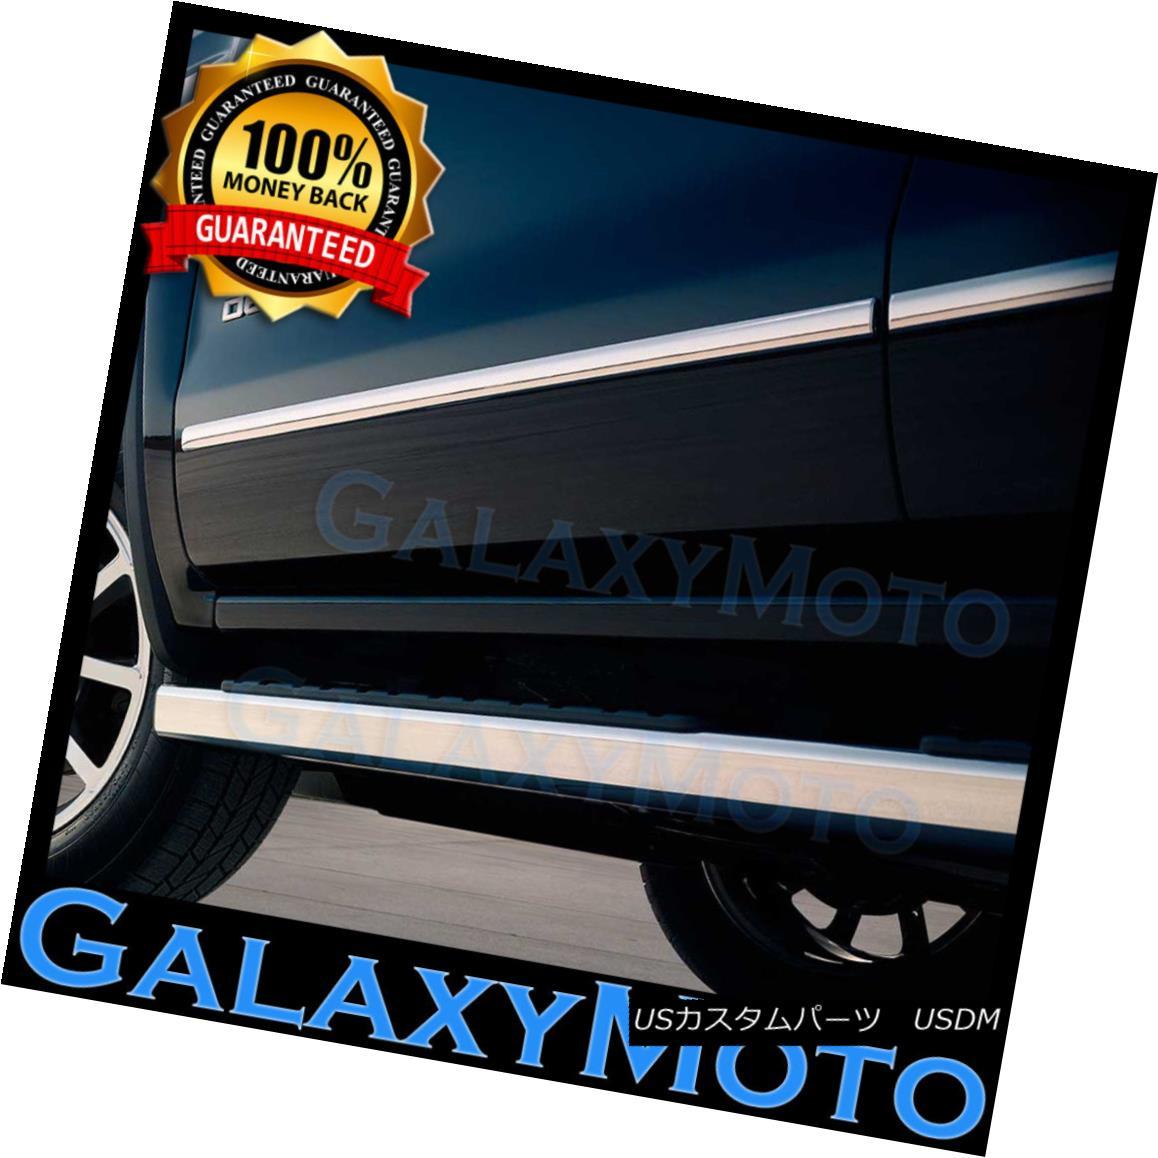 グリル 07-13 GMC Sierra 1500 Crew Cab 4 Door Chrome Body Side Molding Front+Rear 4pcs 07-13 GMC Sierra 1500クルーキャブ4ドアクロームボディサイドモールディングフロント+リア4本